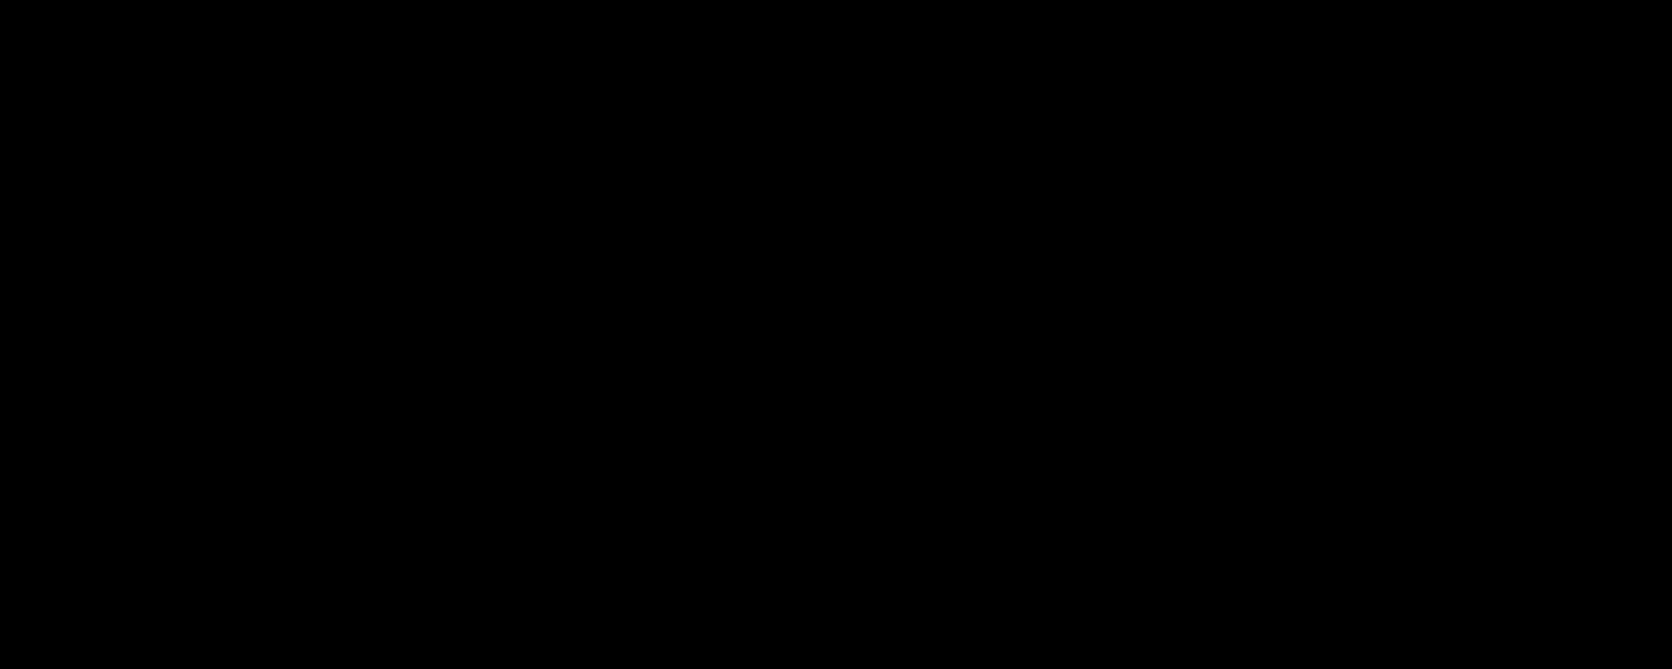 LevothyroxineO-methyl amine hydrochloride impurity